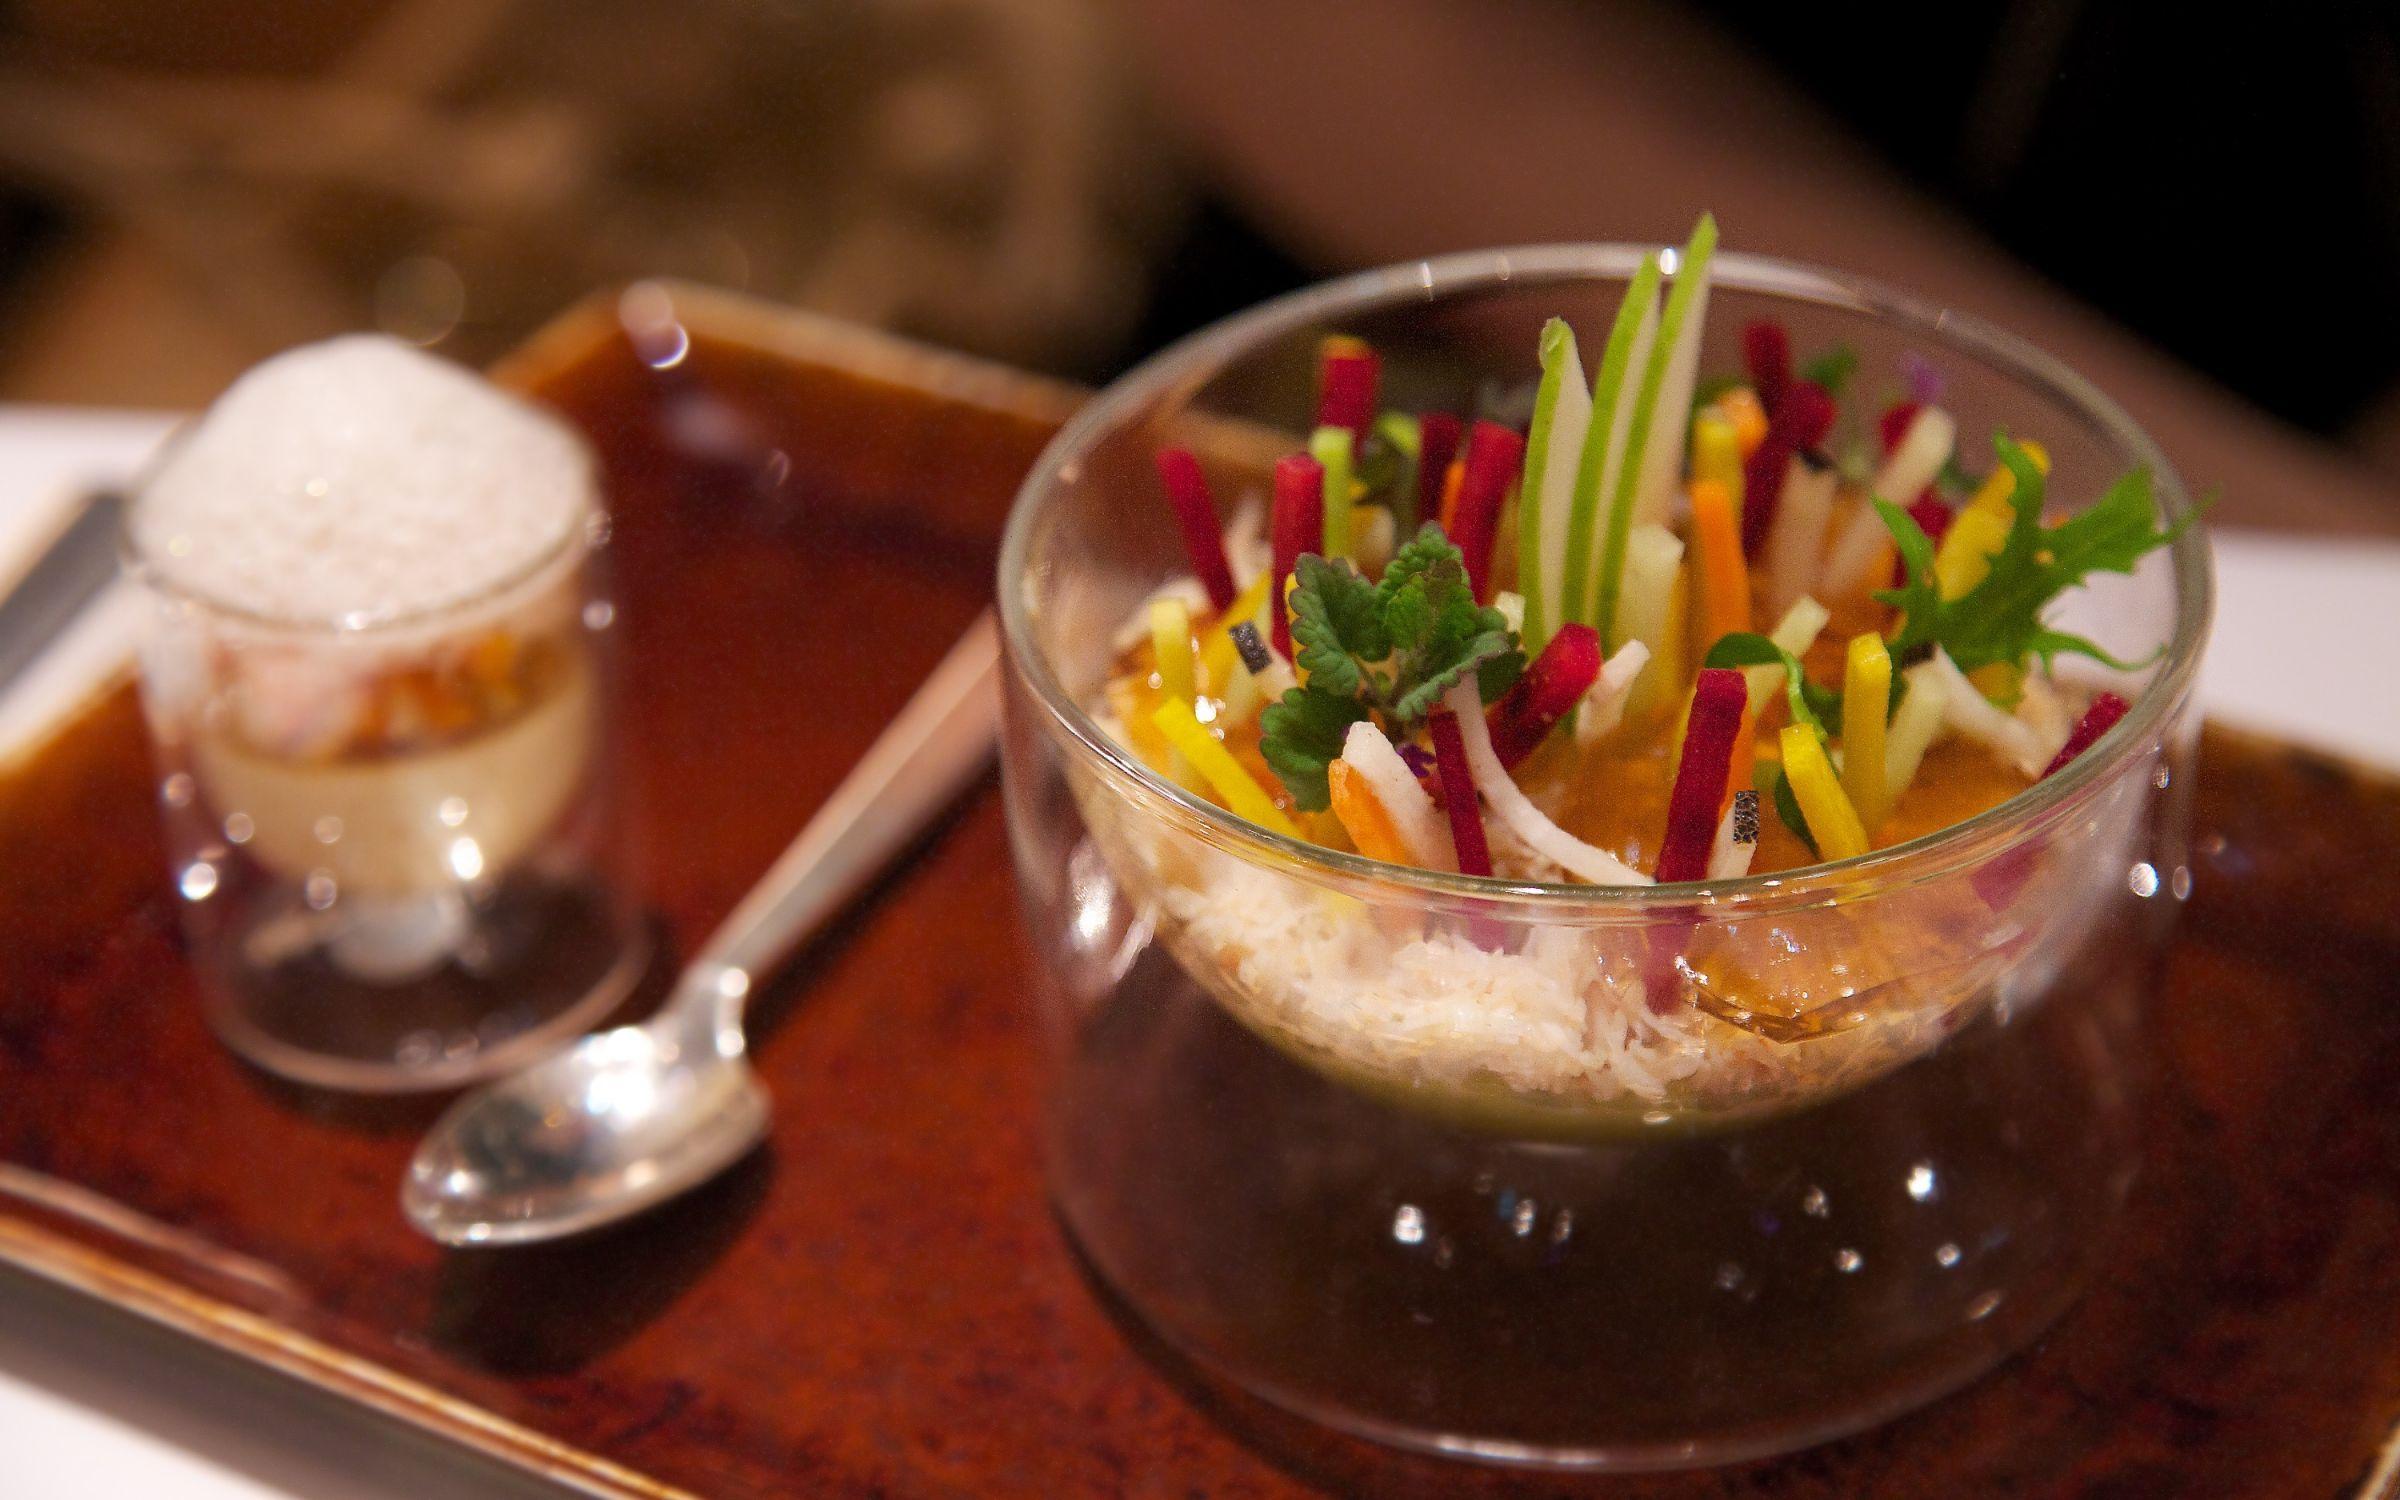 La cuisine royal monceau qli travel qli travel for Restaurant la cuisine royal monceau